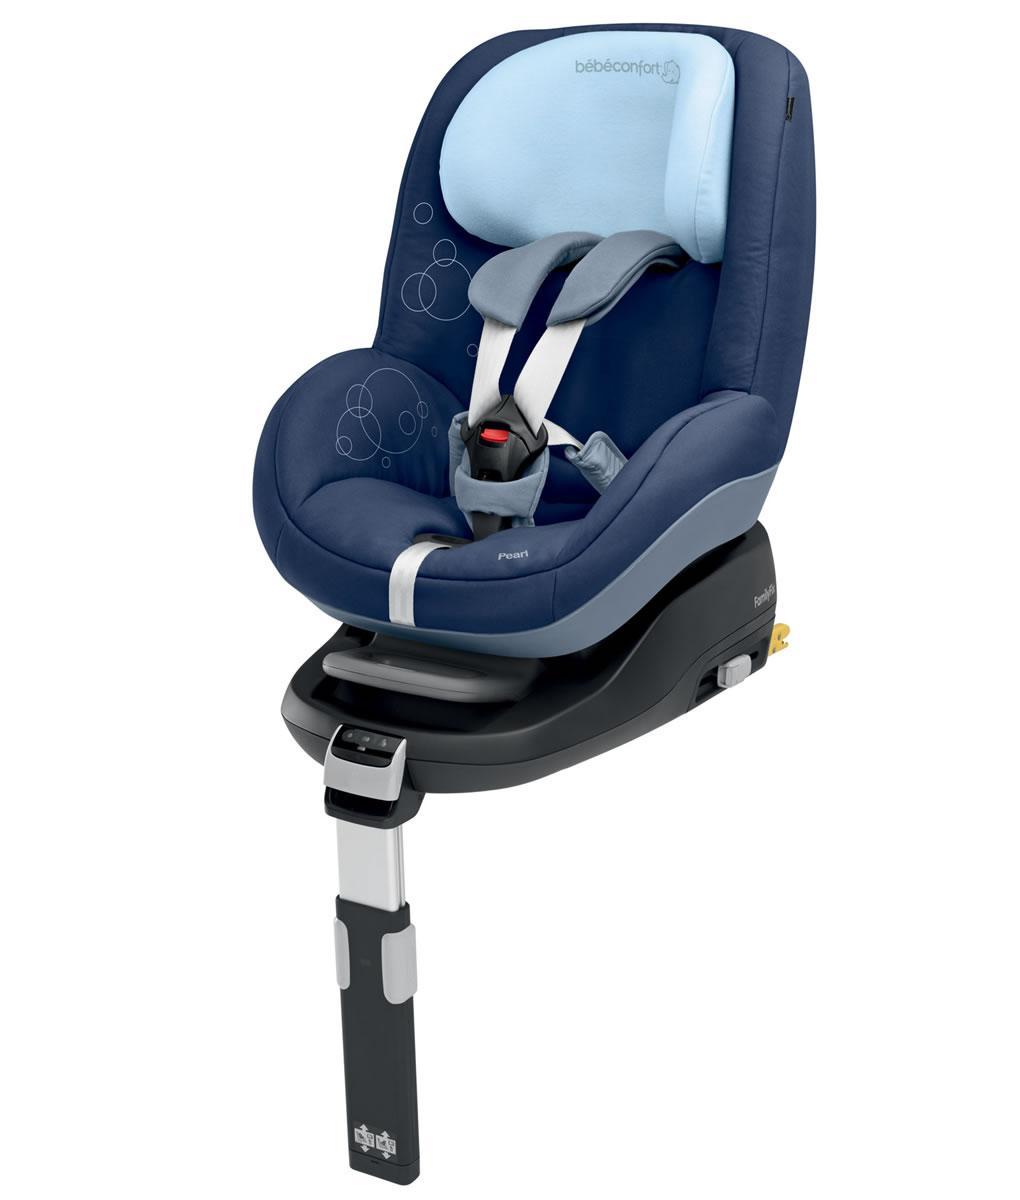 Foto silla de coche bebe confort grupo 1 isofix pearl dress blue foto 874286 - Sillas de coche bebe confort ...